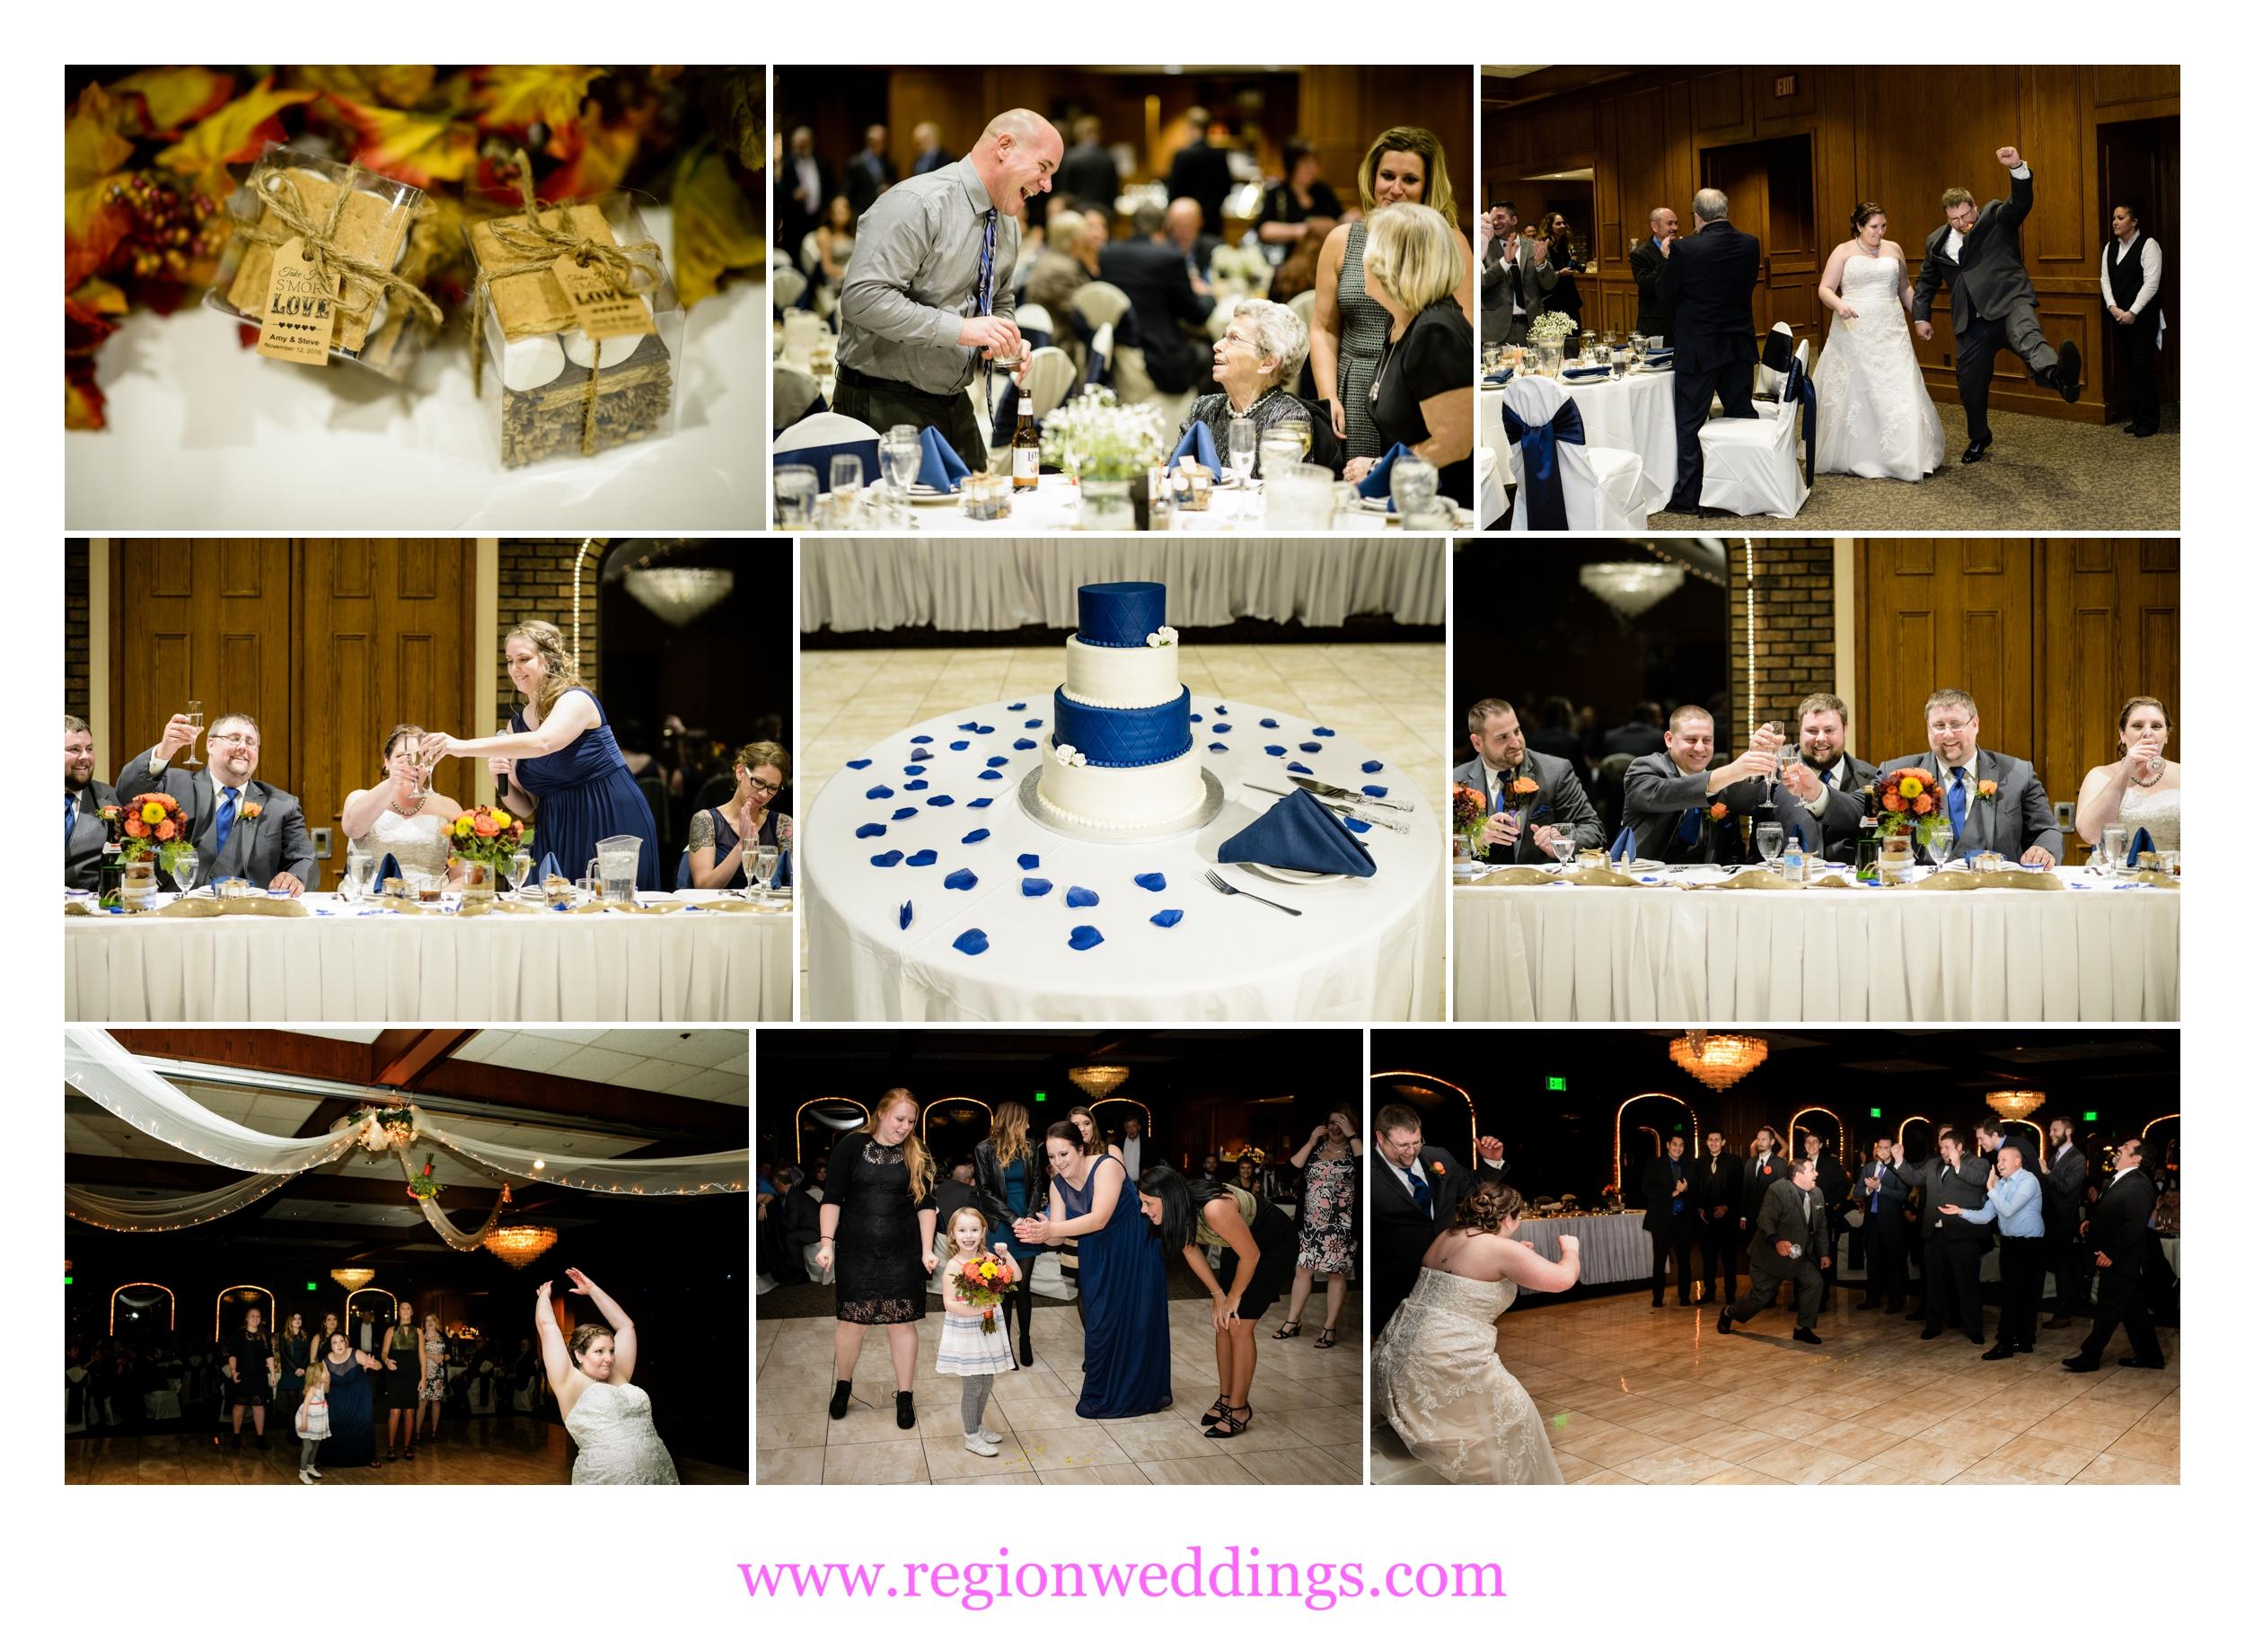 Fall wedding reception at Wicker Park Social Center.